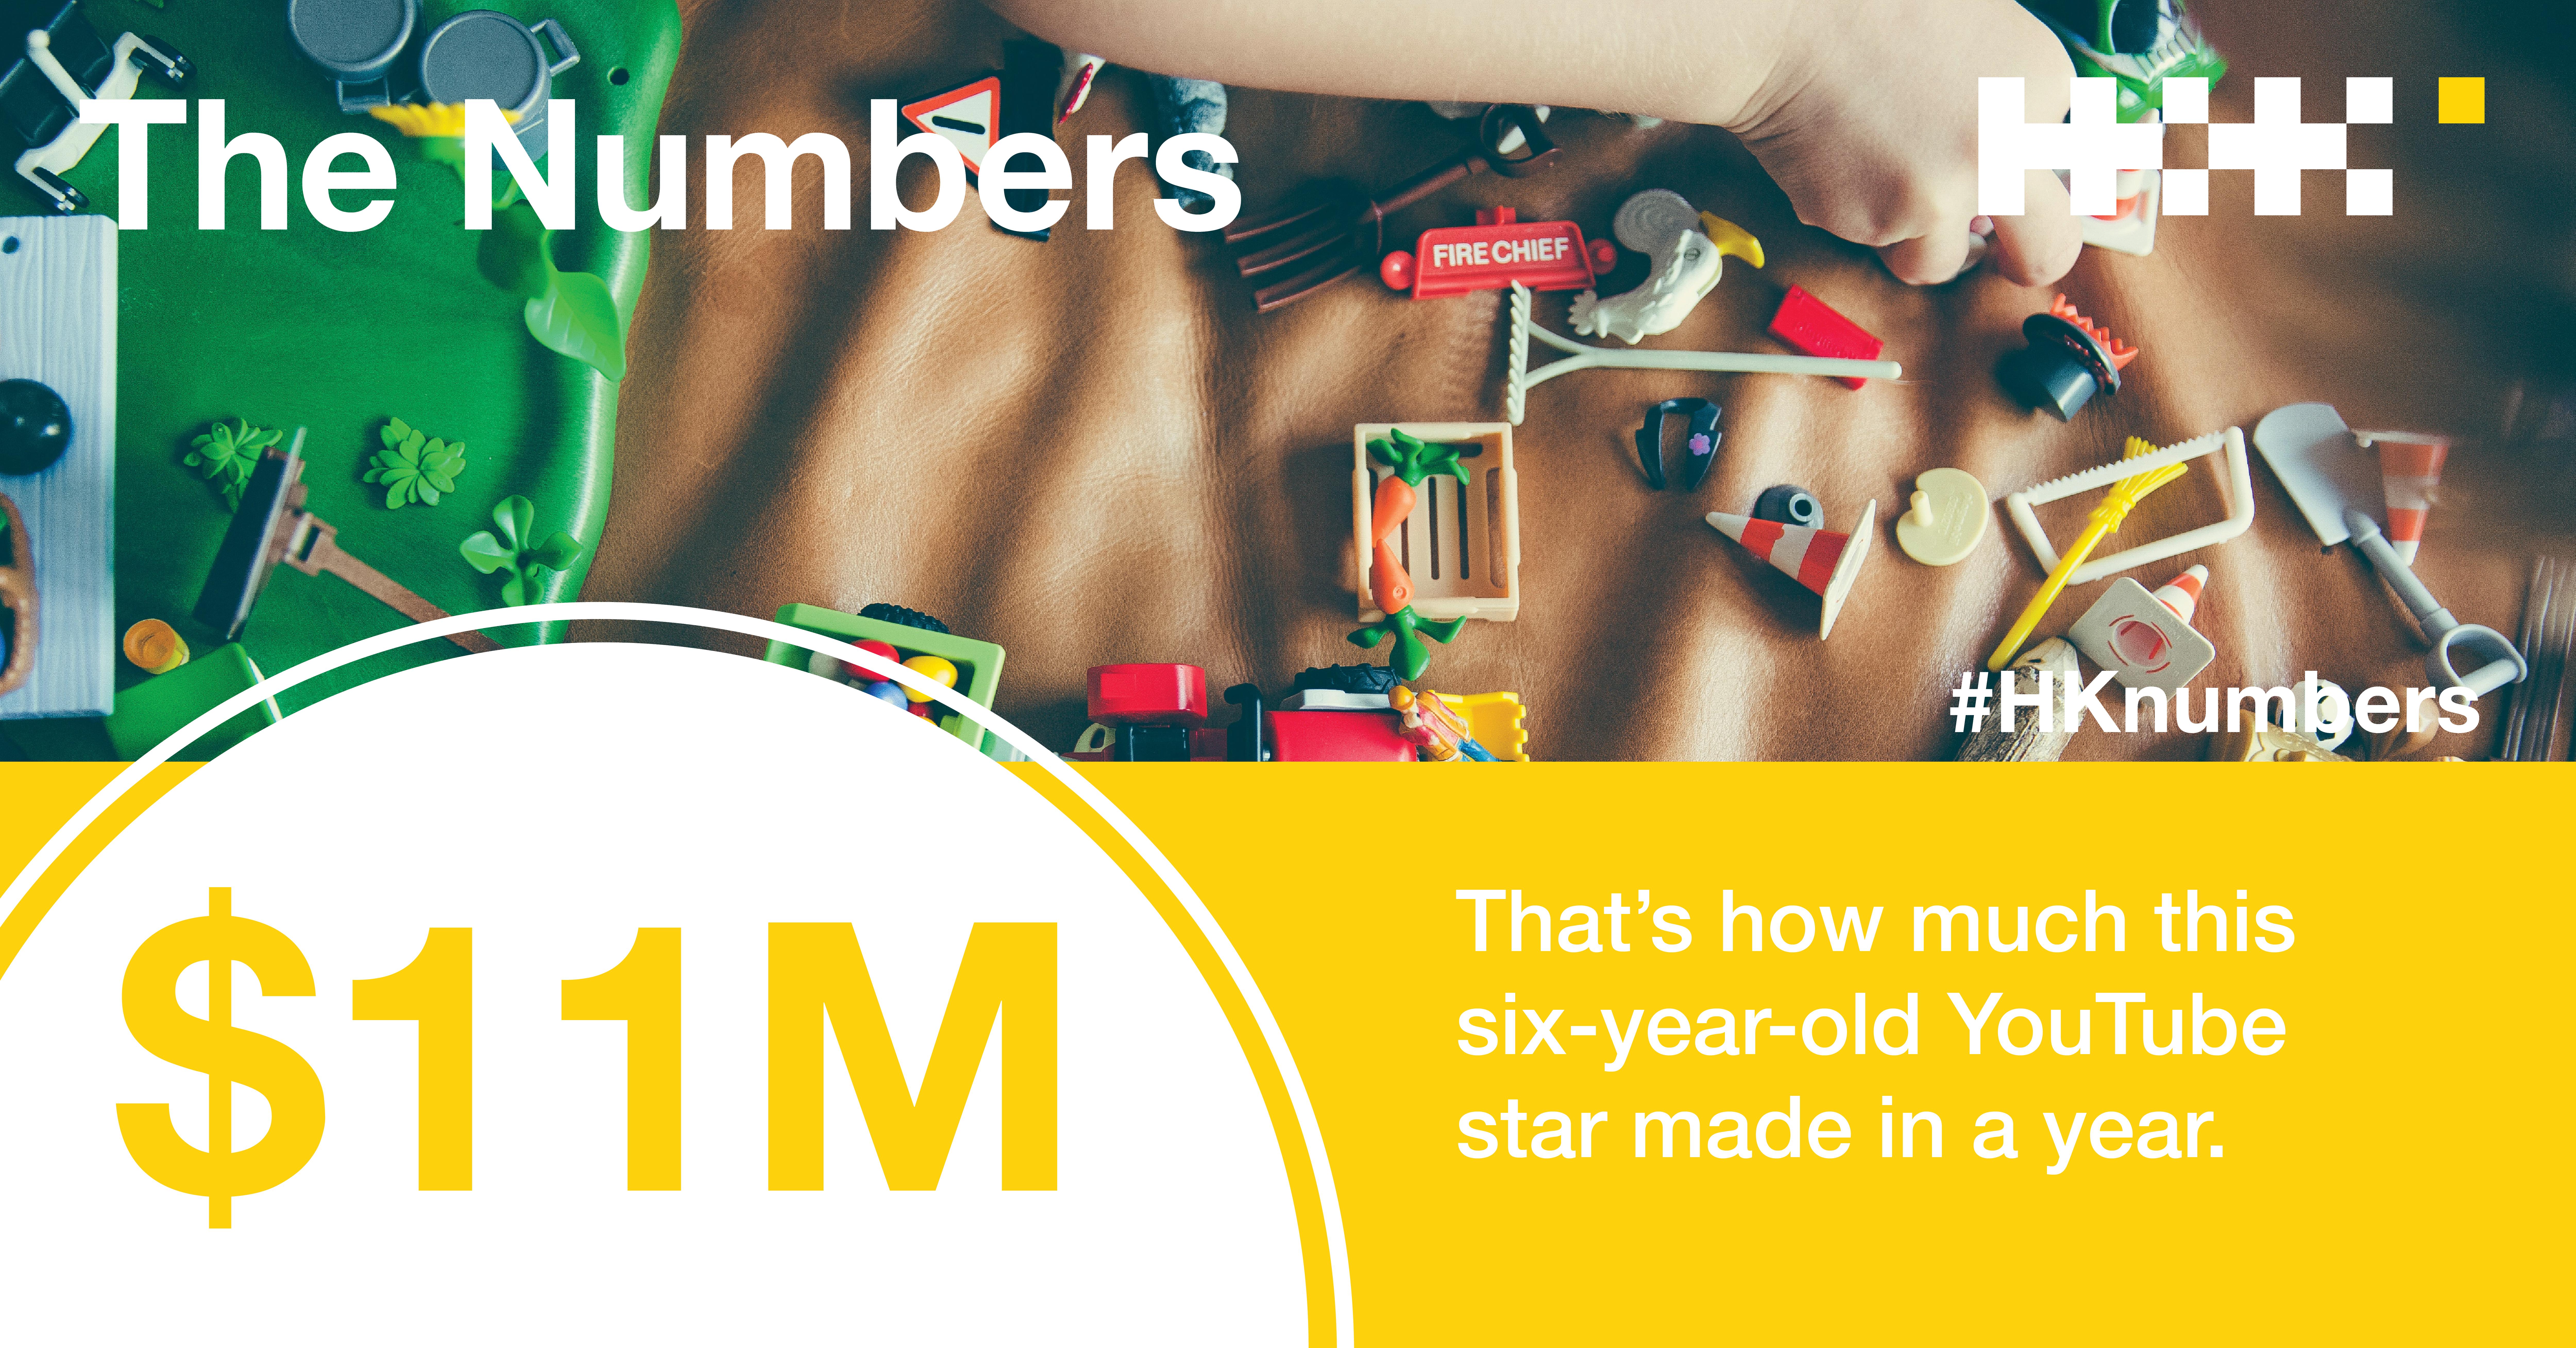 the numbers - kid millionaire